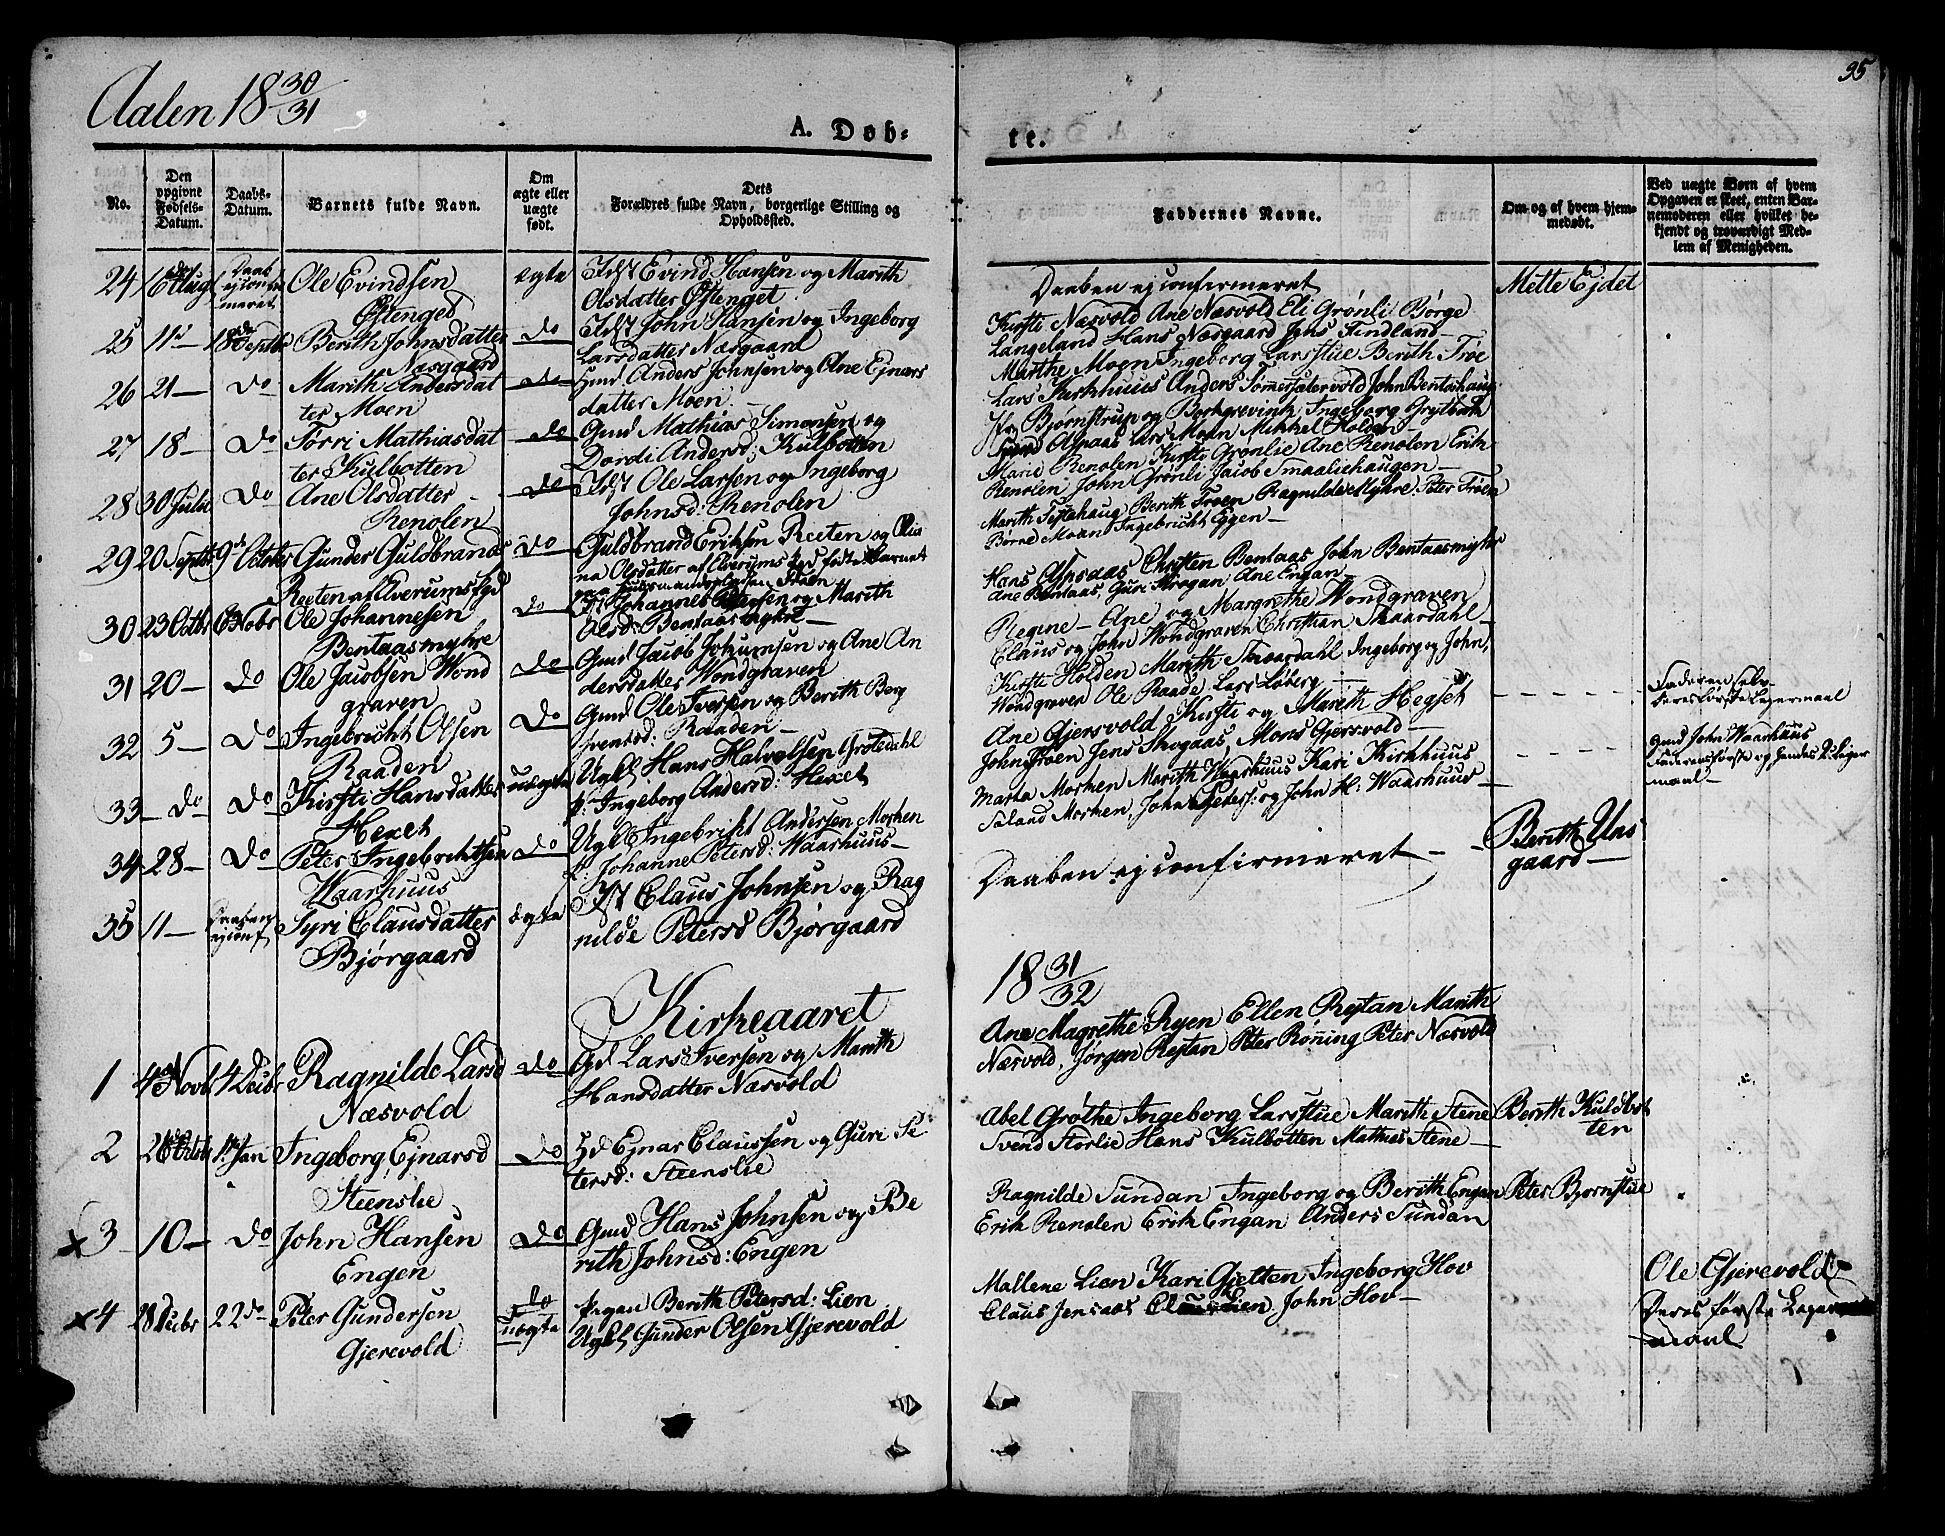 SAT, Ministerialprotokoller, klokkerbøker og fødselsregistre - Sør-Trøndelag, 685/L0959: Ministerialbok nr. 685A04 /3, 1829-1845, s. 95